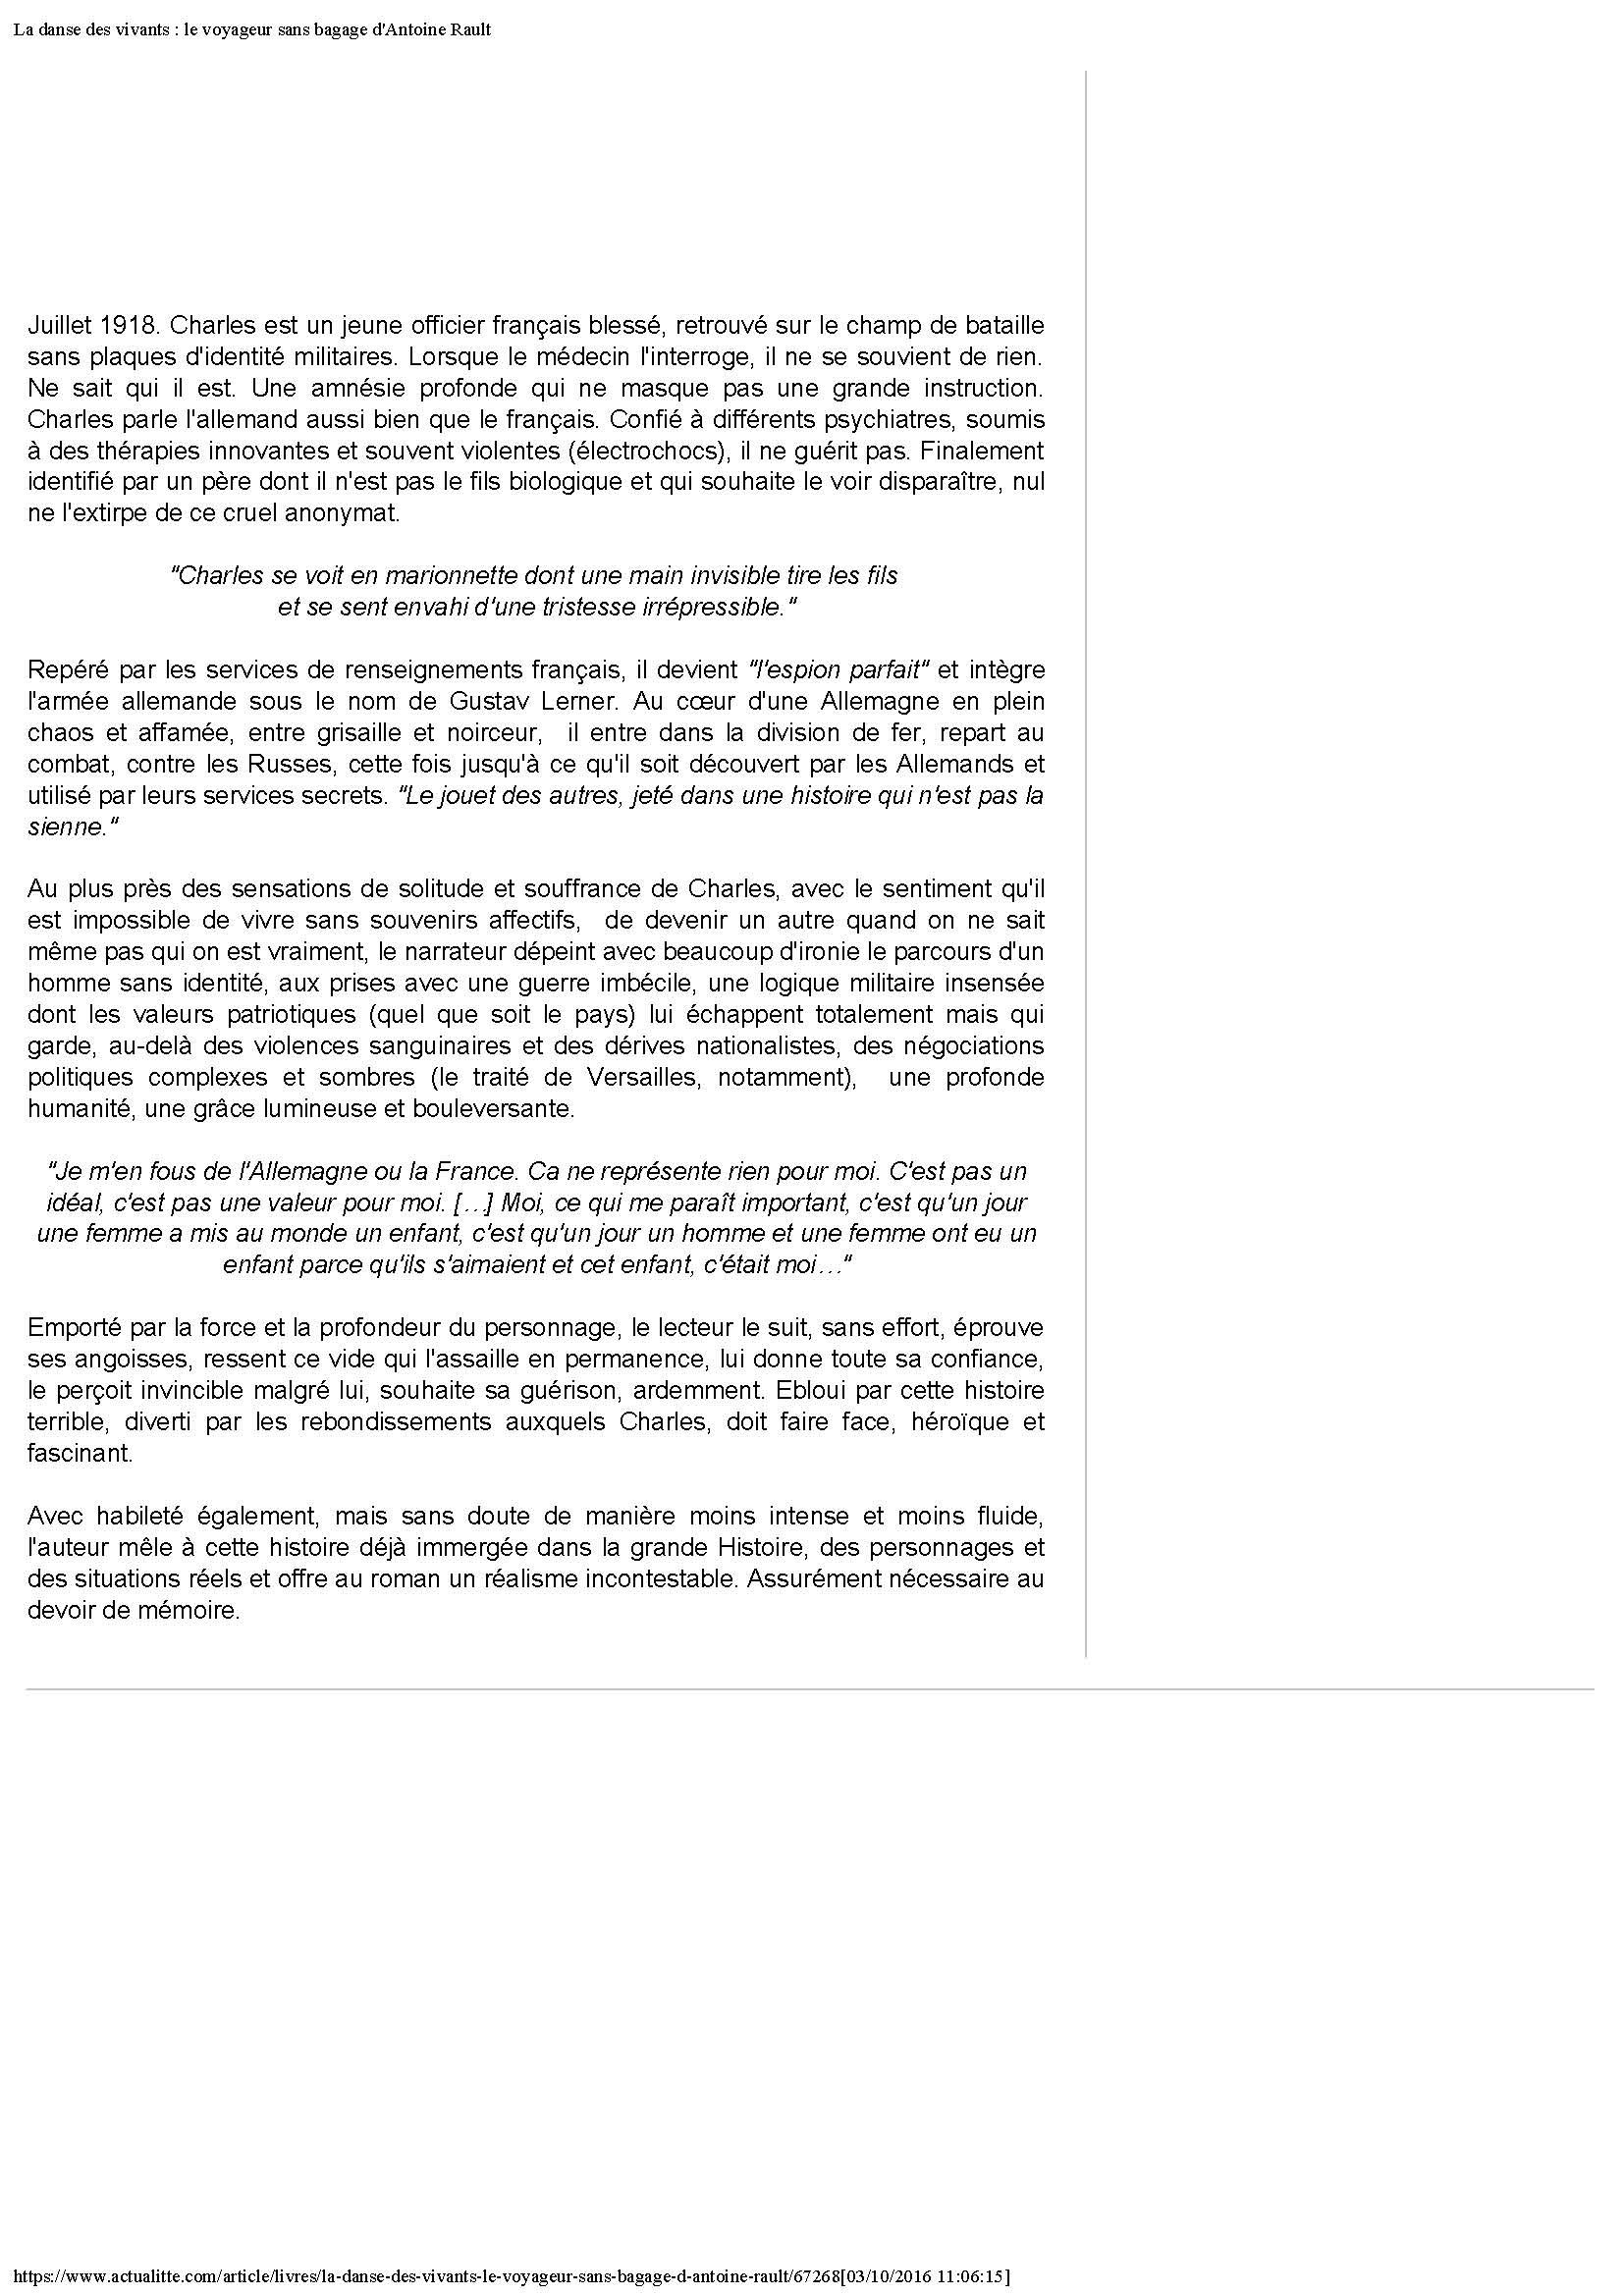 actualitte-la-danse-des-vivants-_-le-voyageur-sans-bagage-dantoine-rault-page-2_page_2